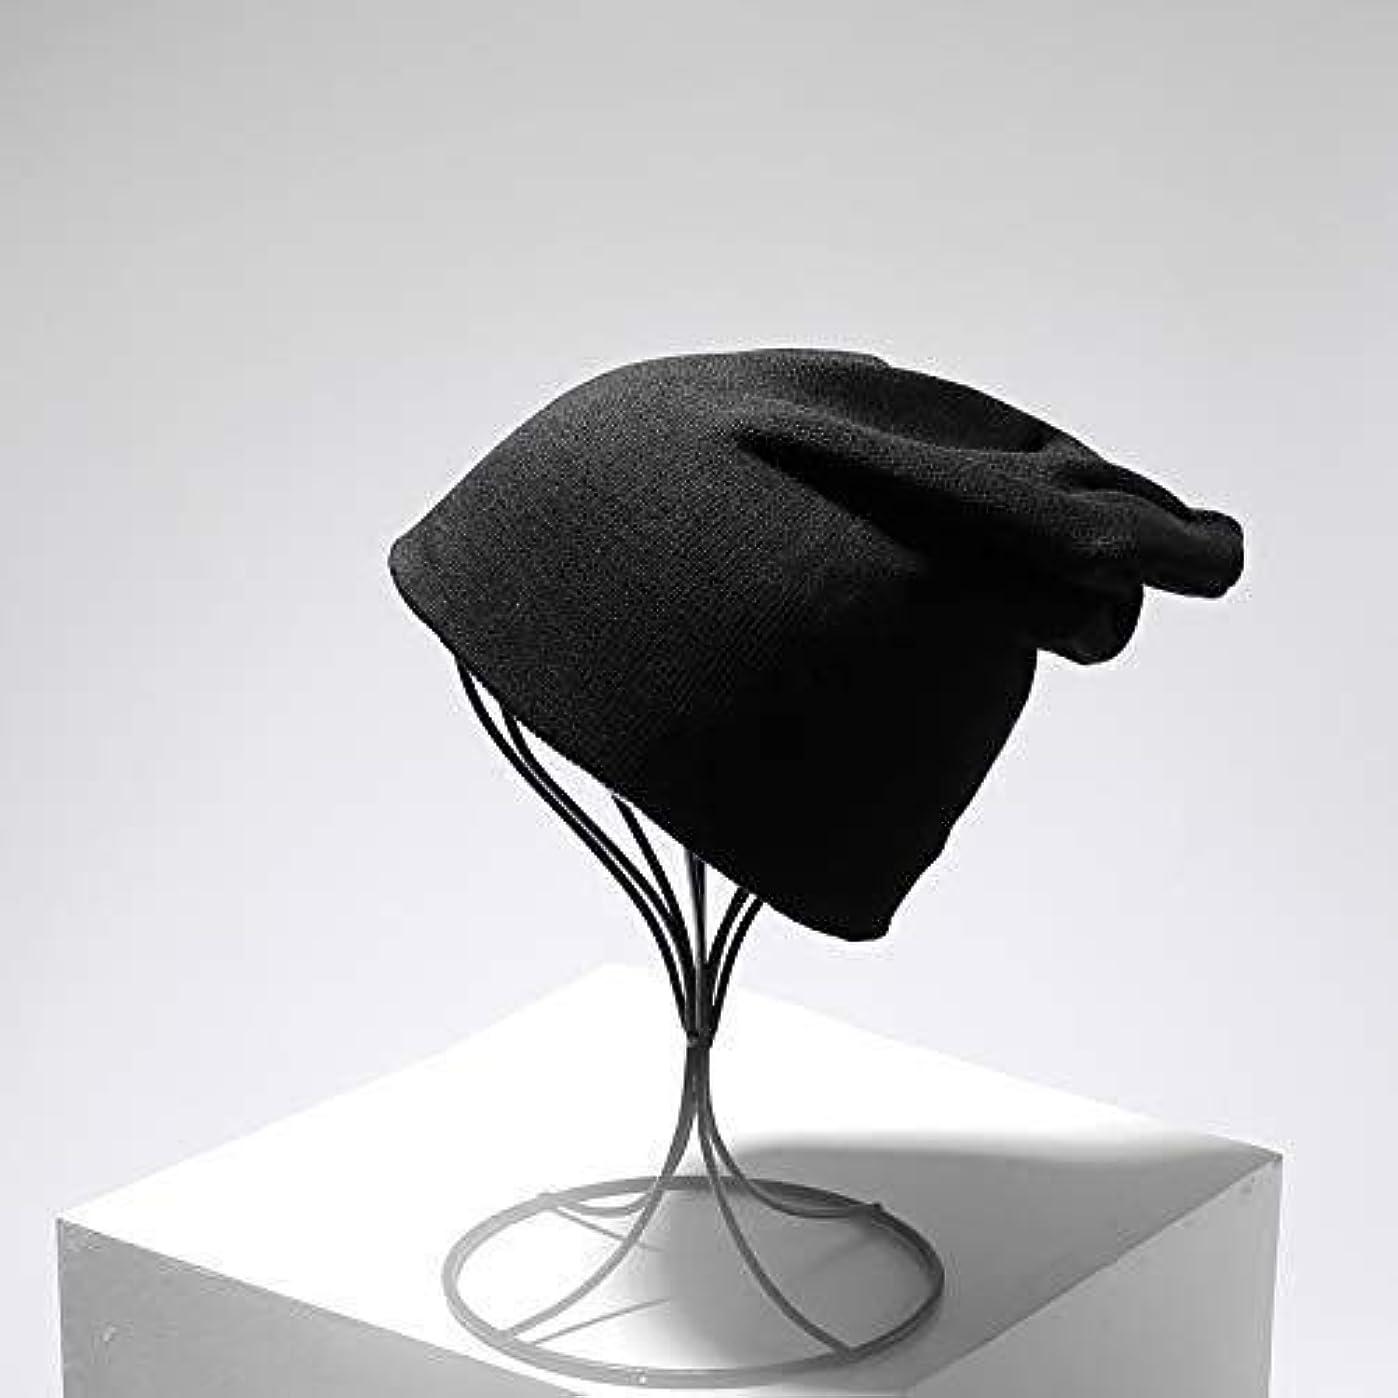 空虚ホームワーディアンケースレディースニット帽子 帽子秋冬ニット帽子冬の帽子包頭帽子ユニセックス二重層厚く暖かいスキーのフード付きの帽子潮パーソナリティ フリーサイズ